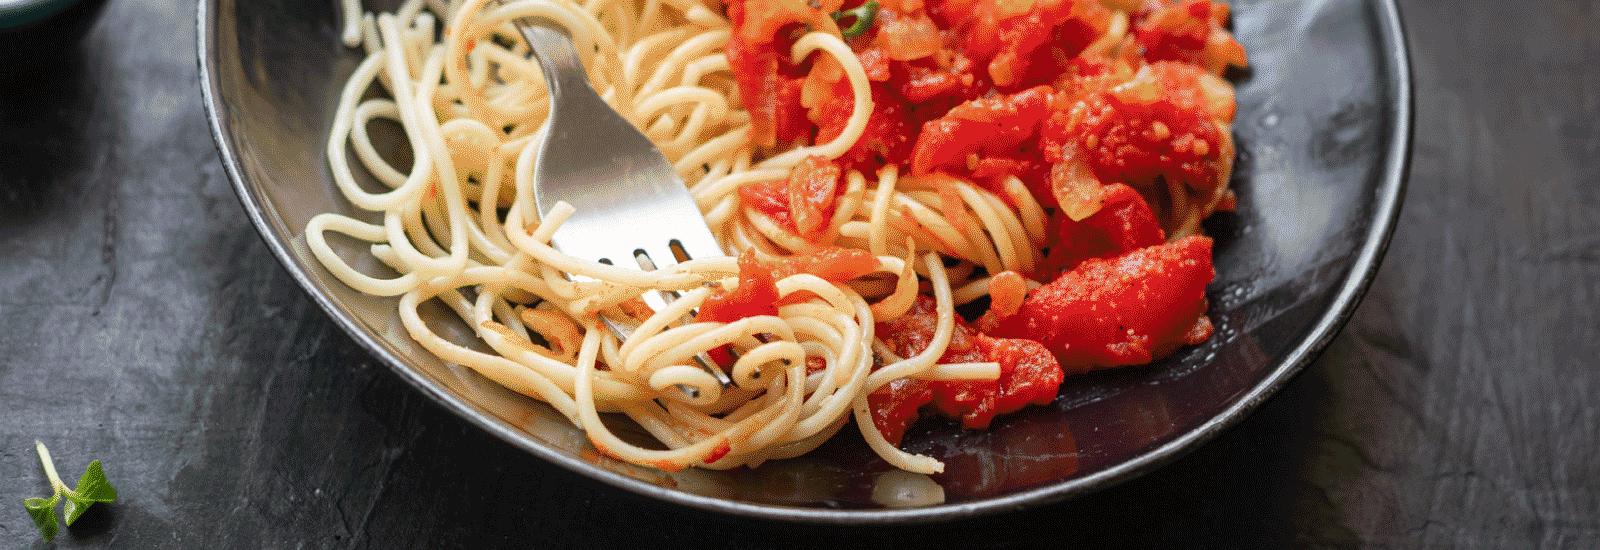 Best Italian Restaurants in Omaha